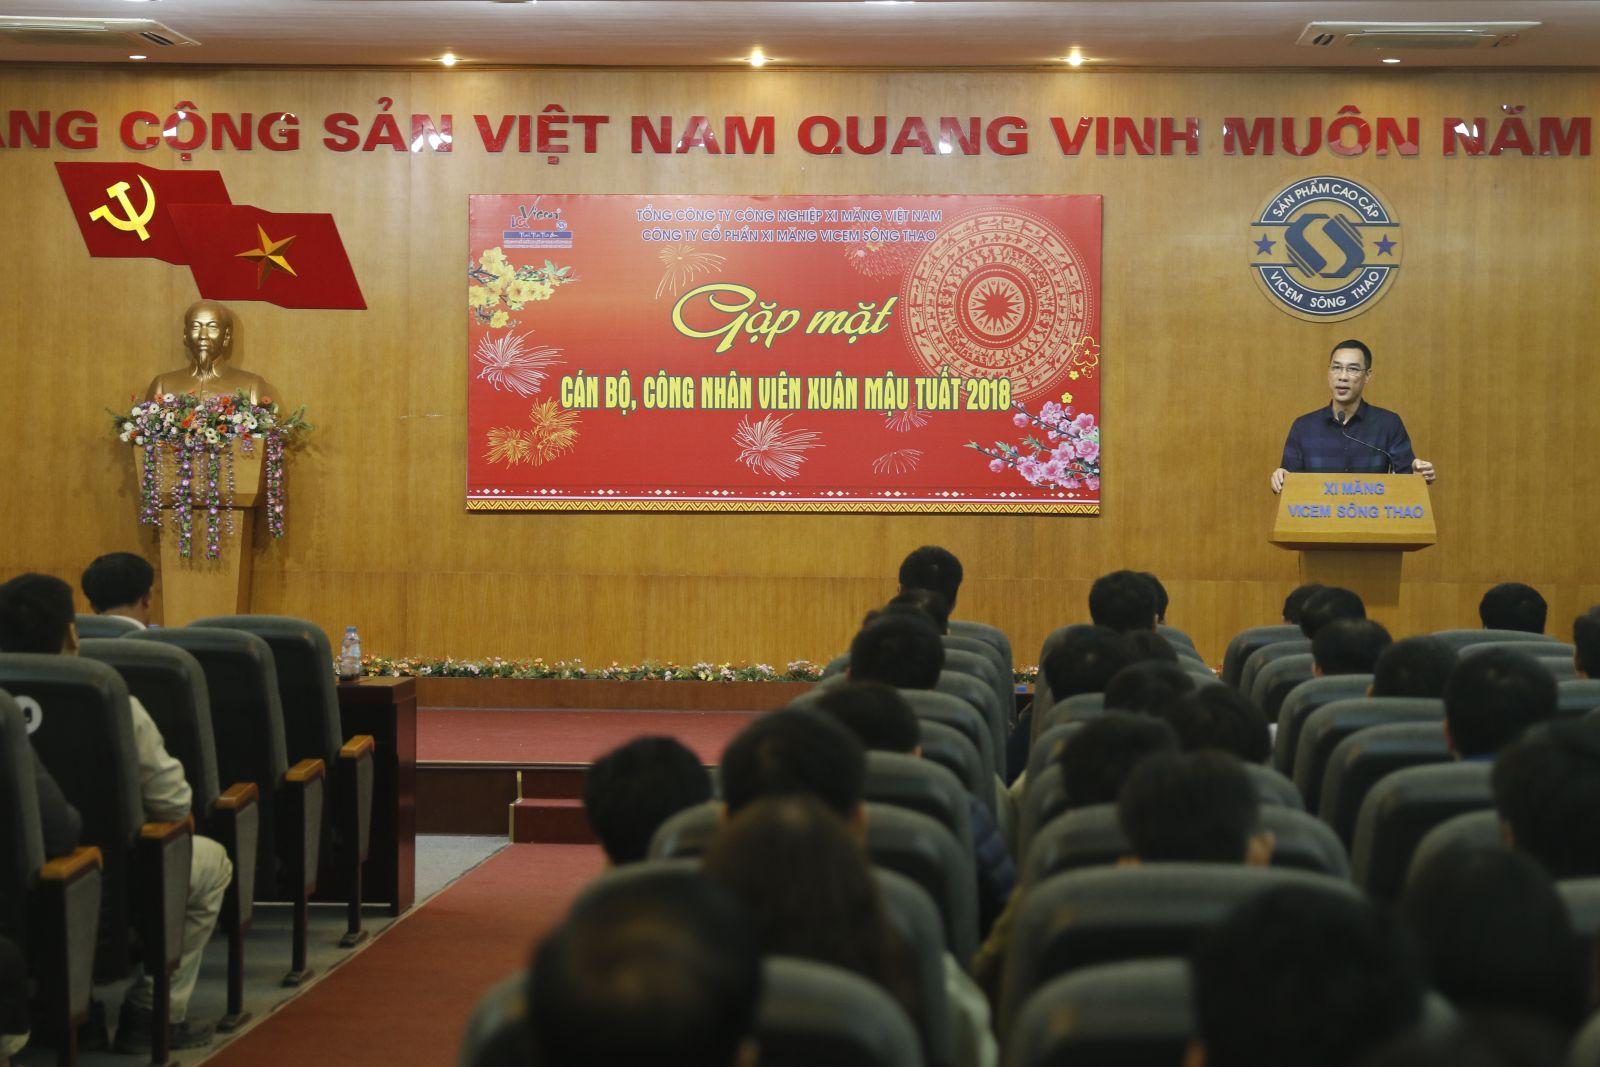 Gặp mặt CBCNV Công ty Đầu Xuân Mậu Tuất 2018